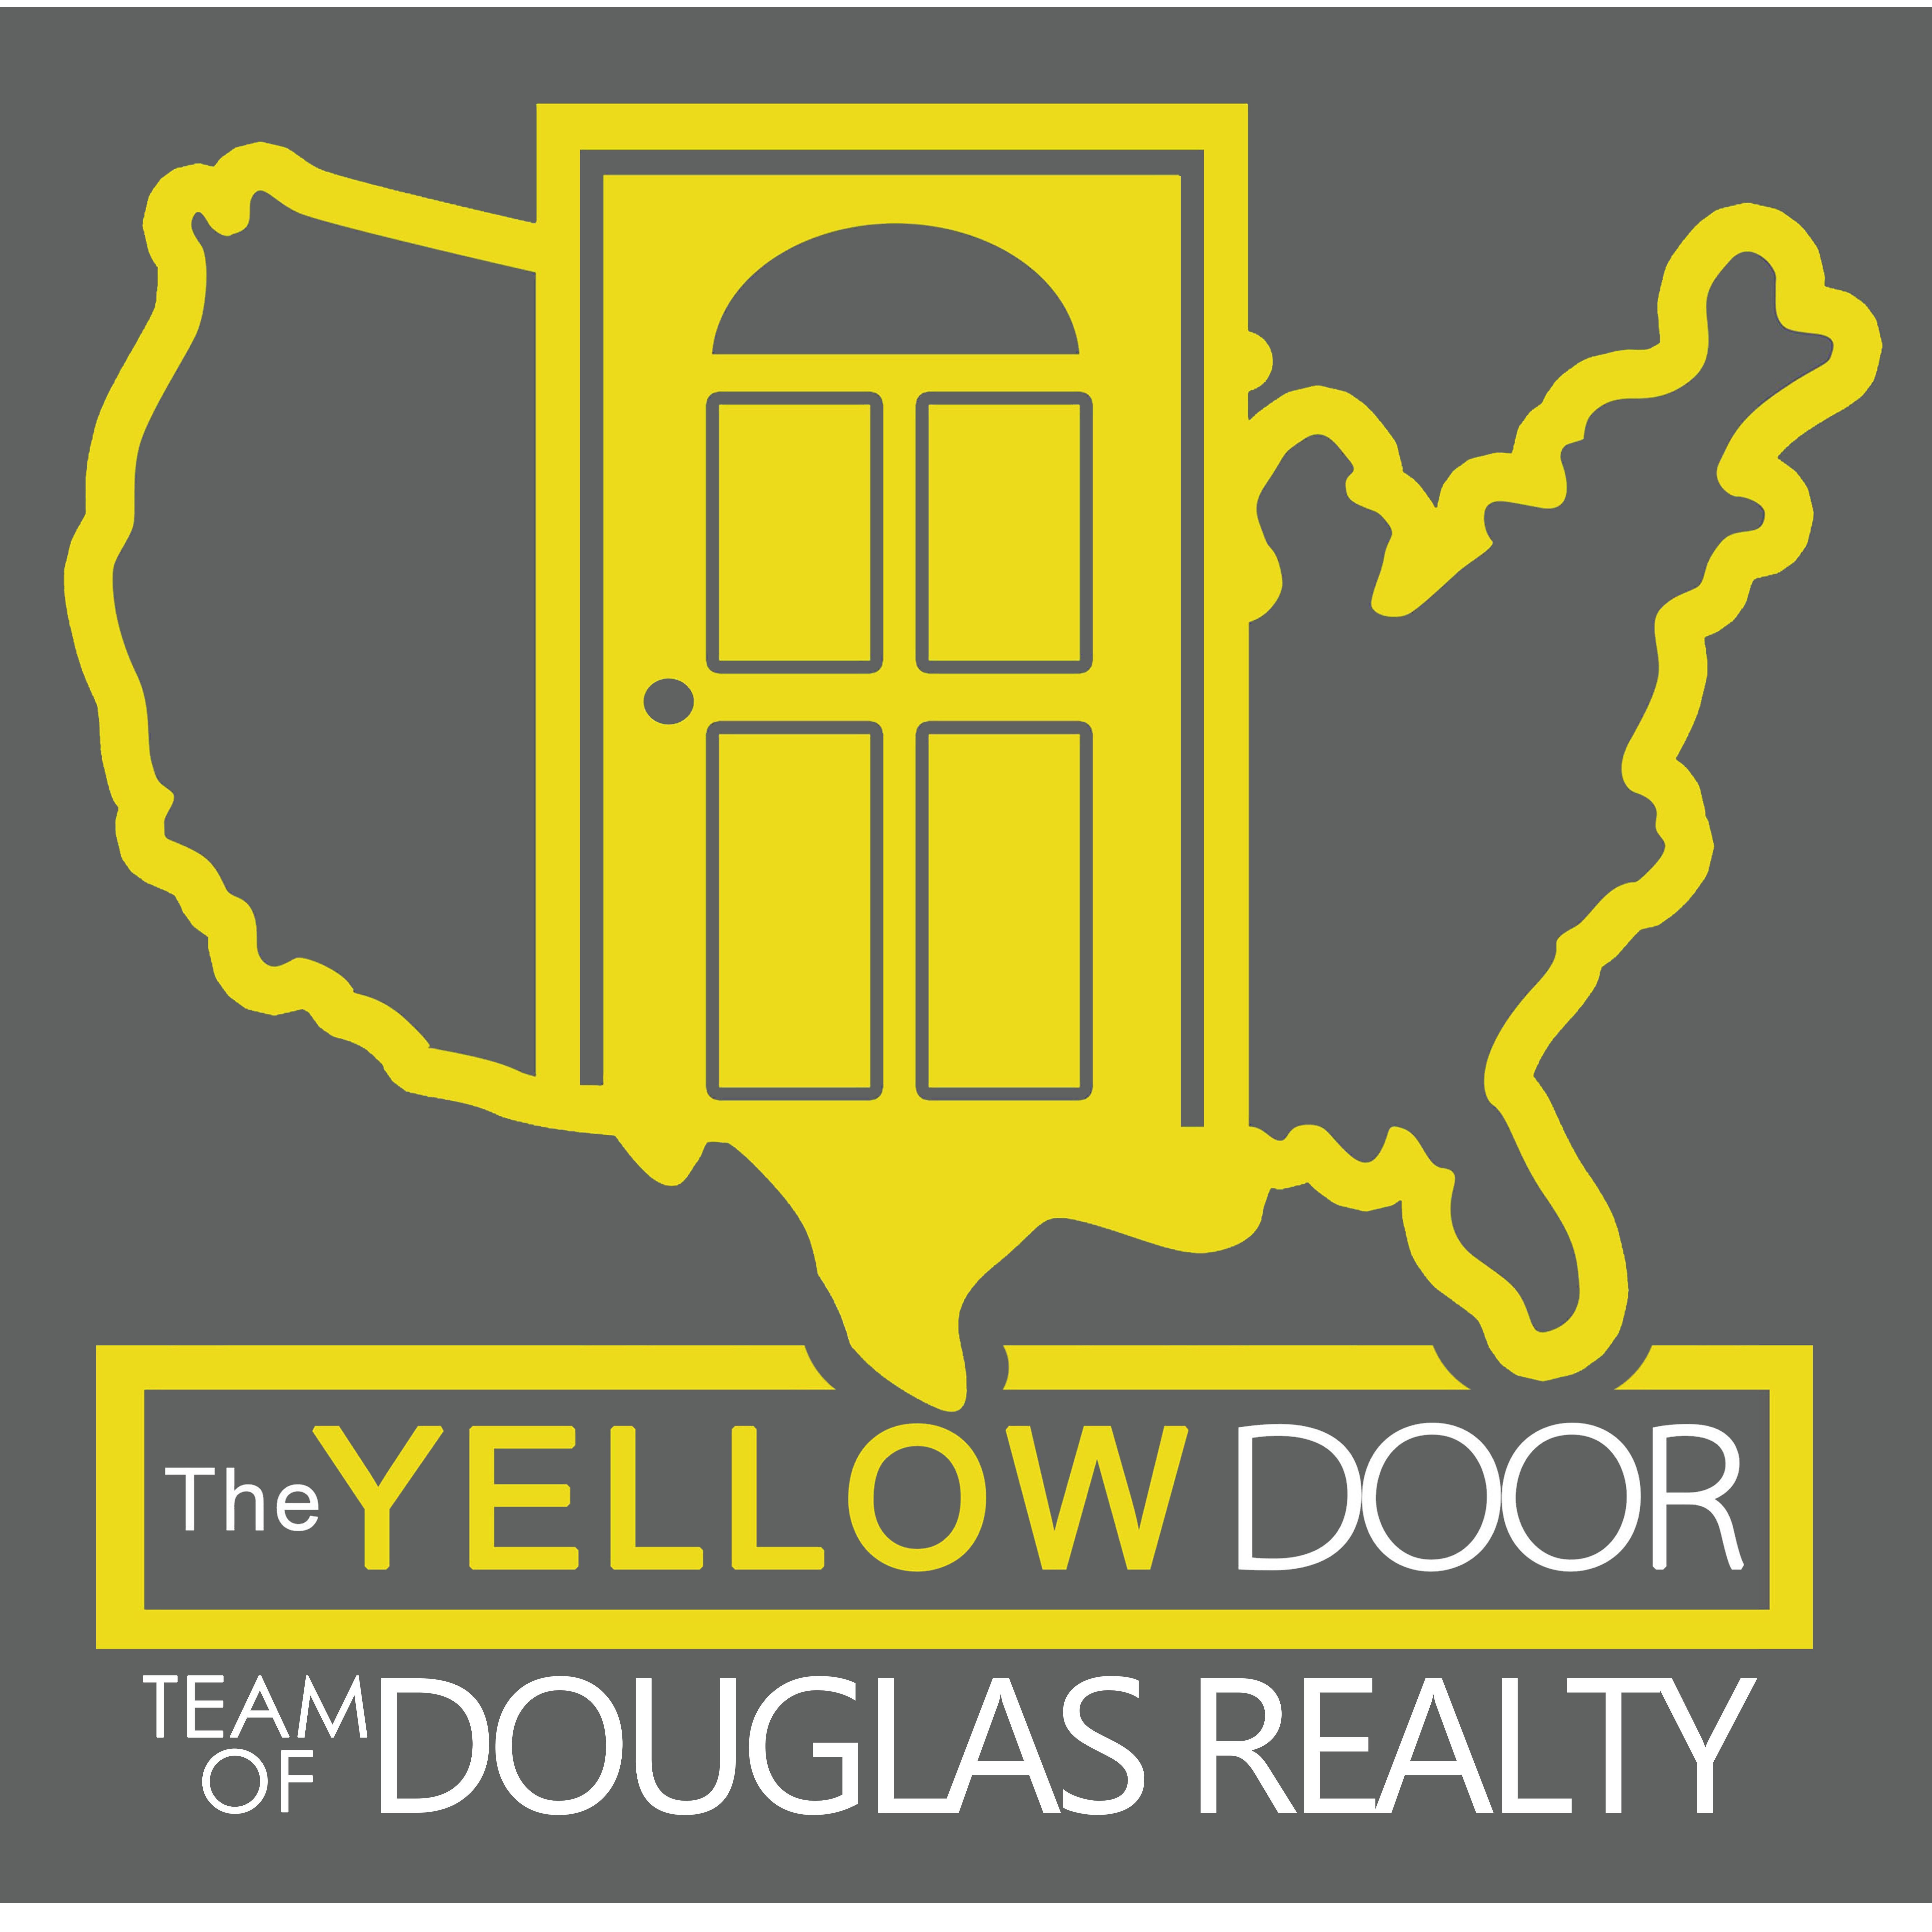 The Yellow Door Team of Douglas Realty image 2